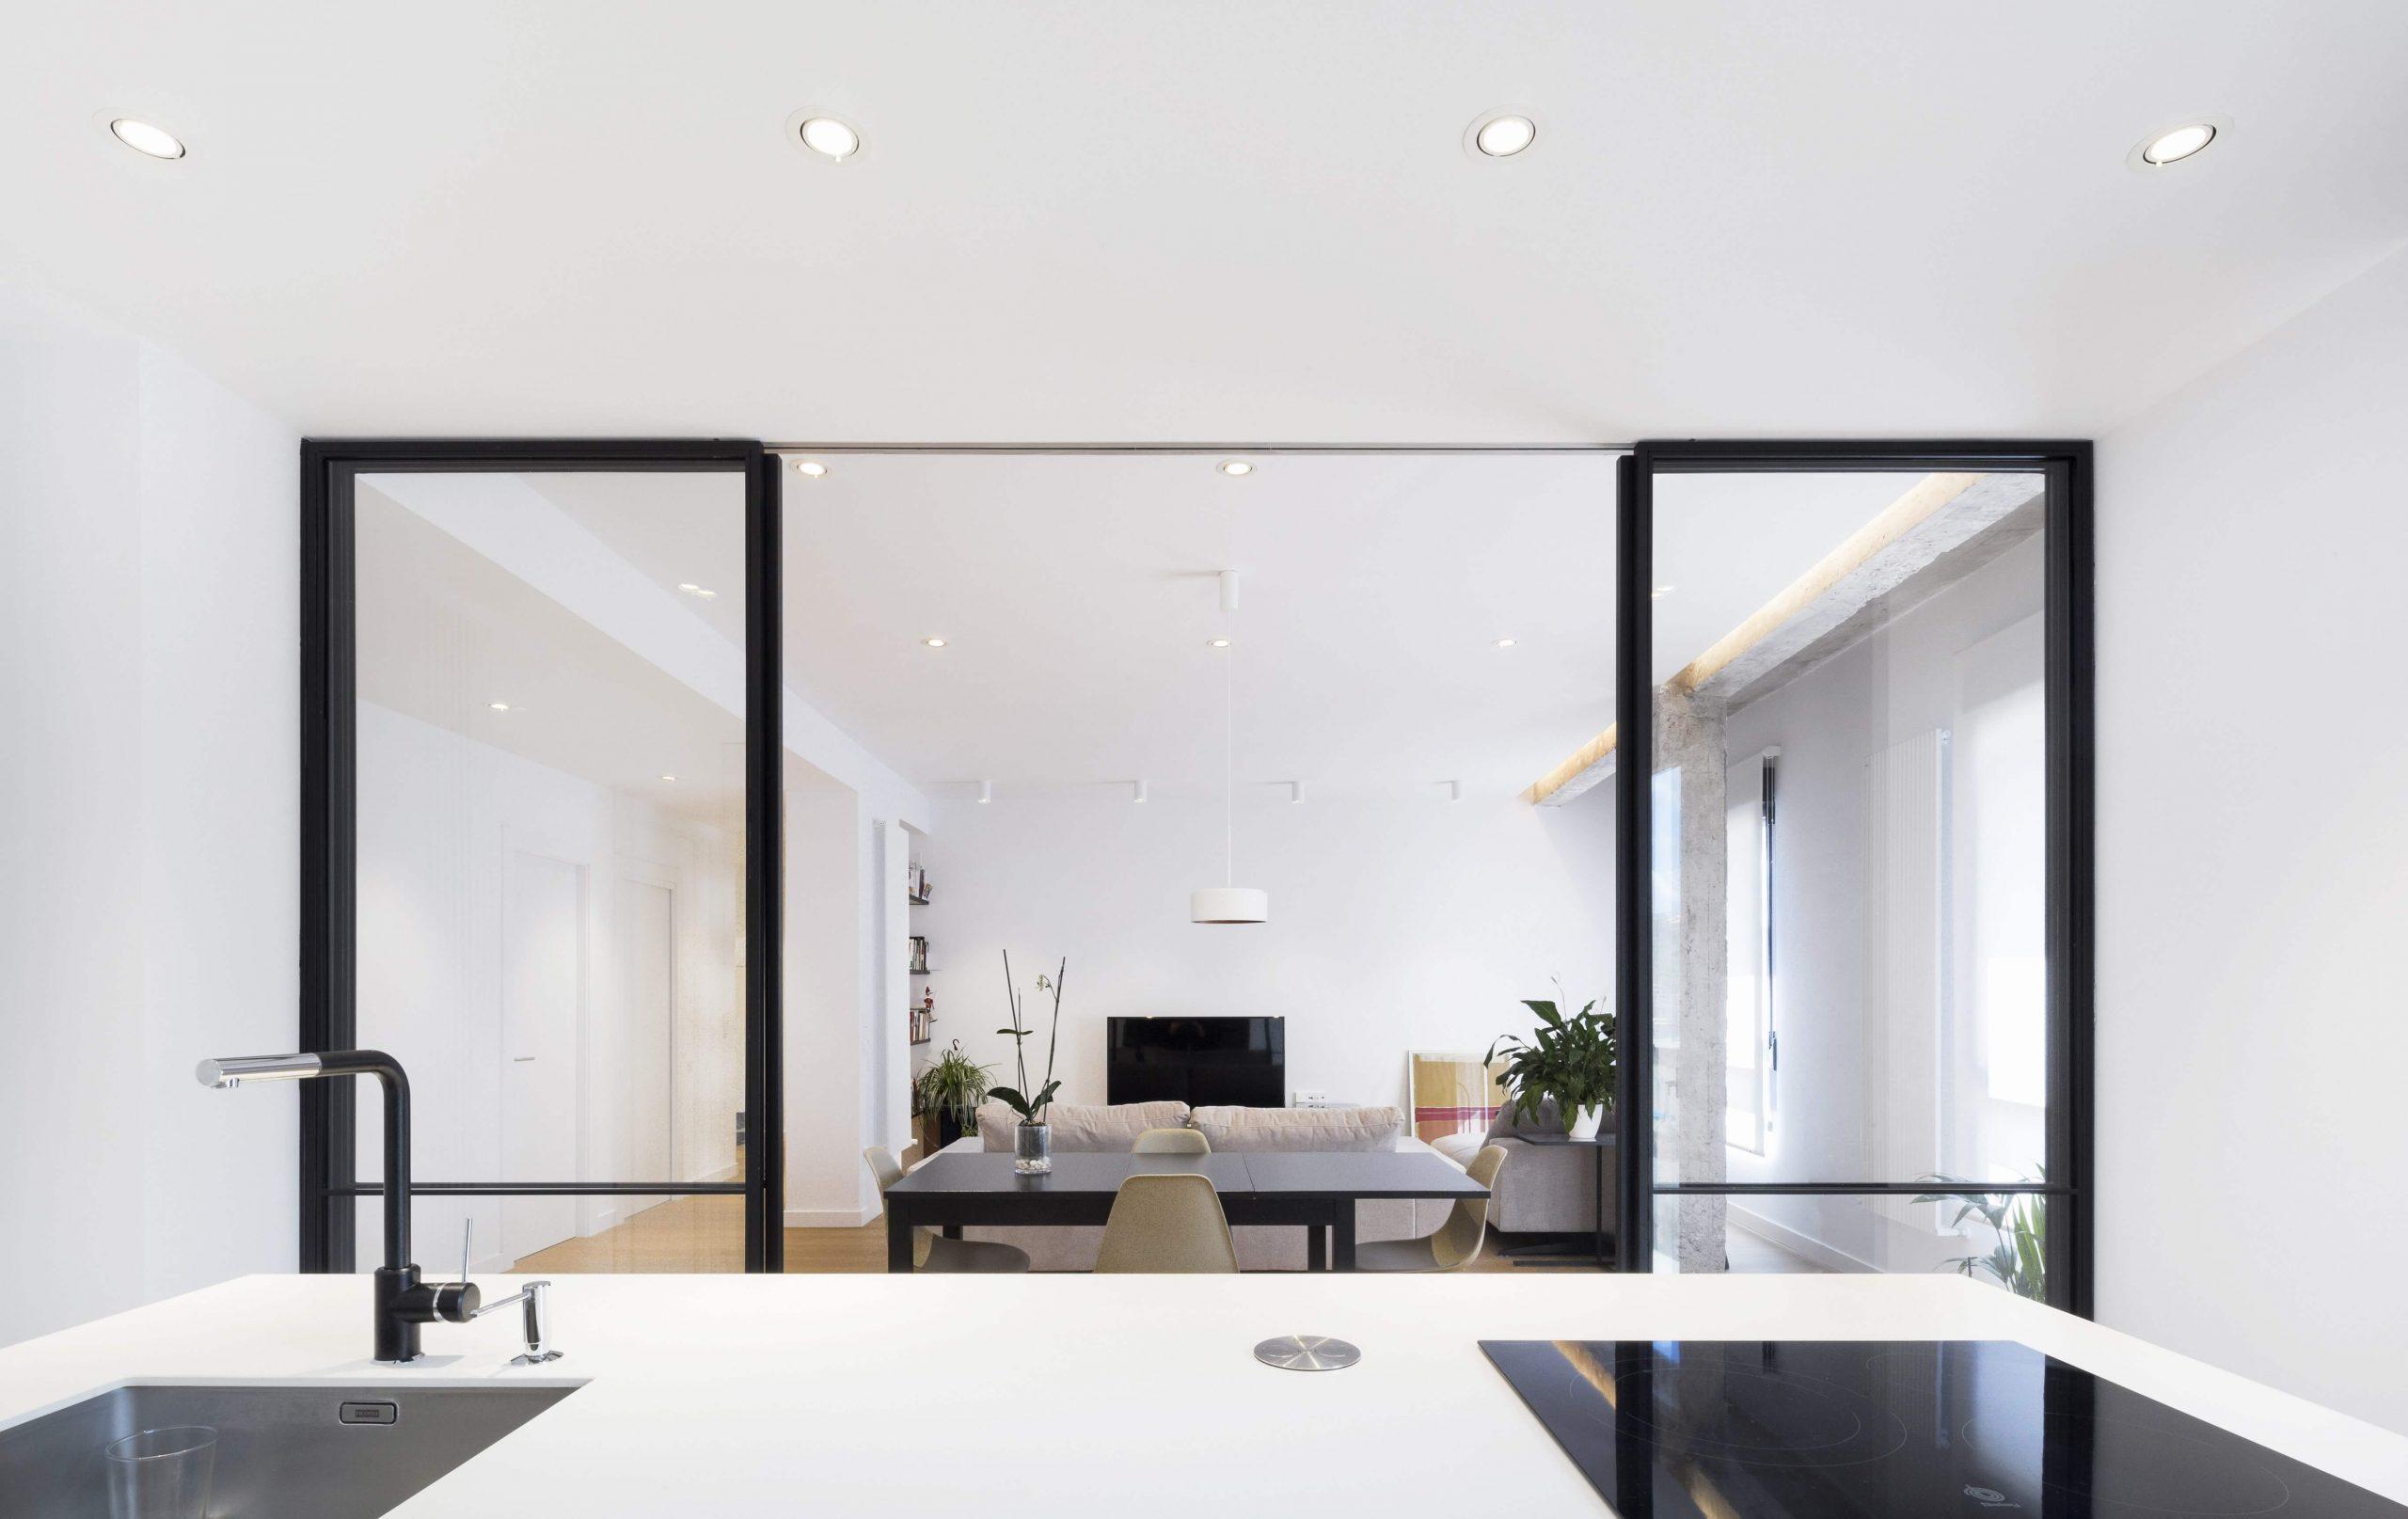 El hogar está donde habita una buena iluminación